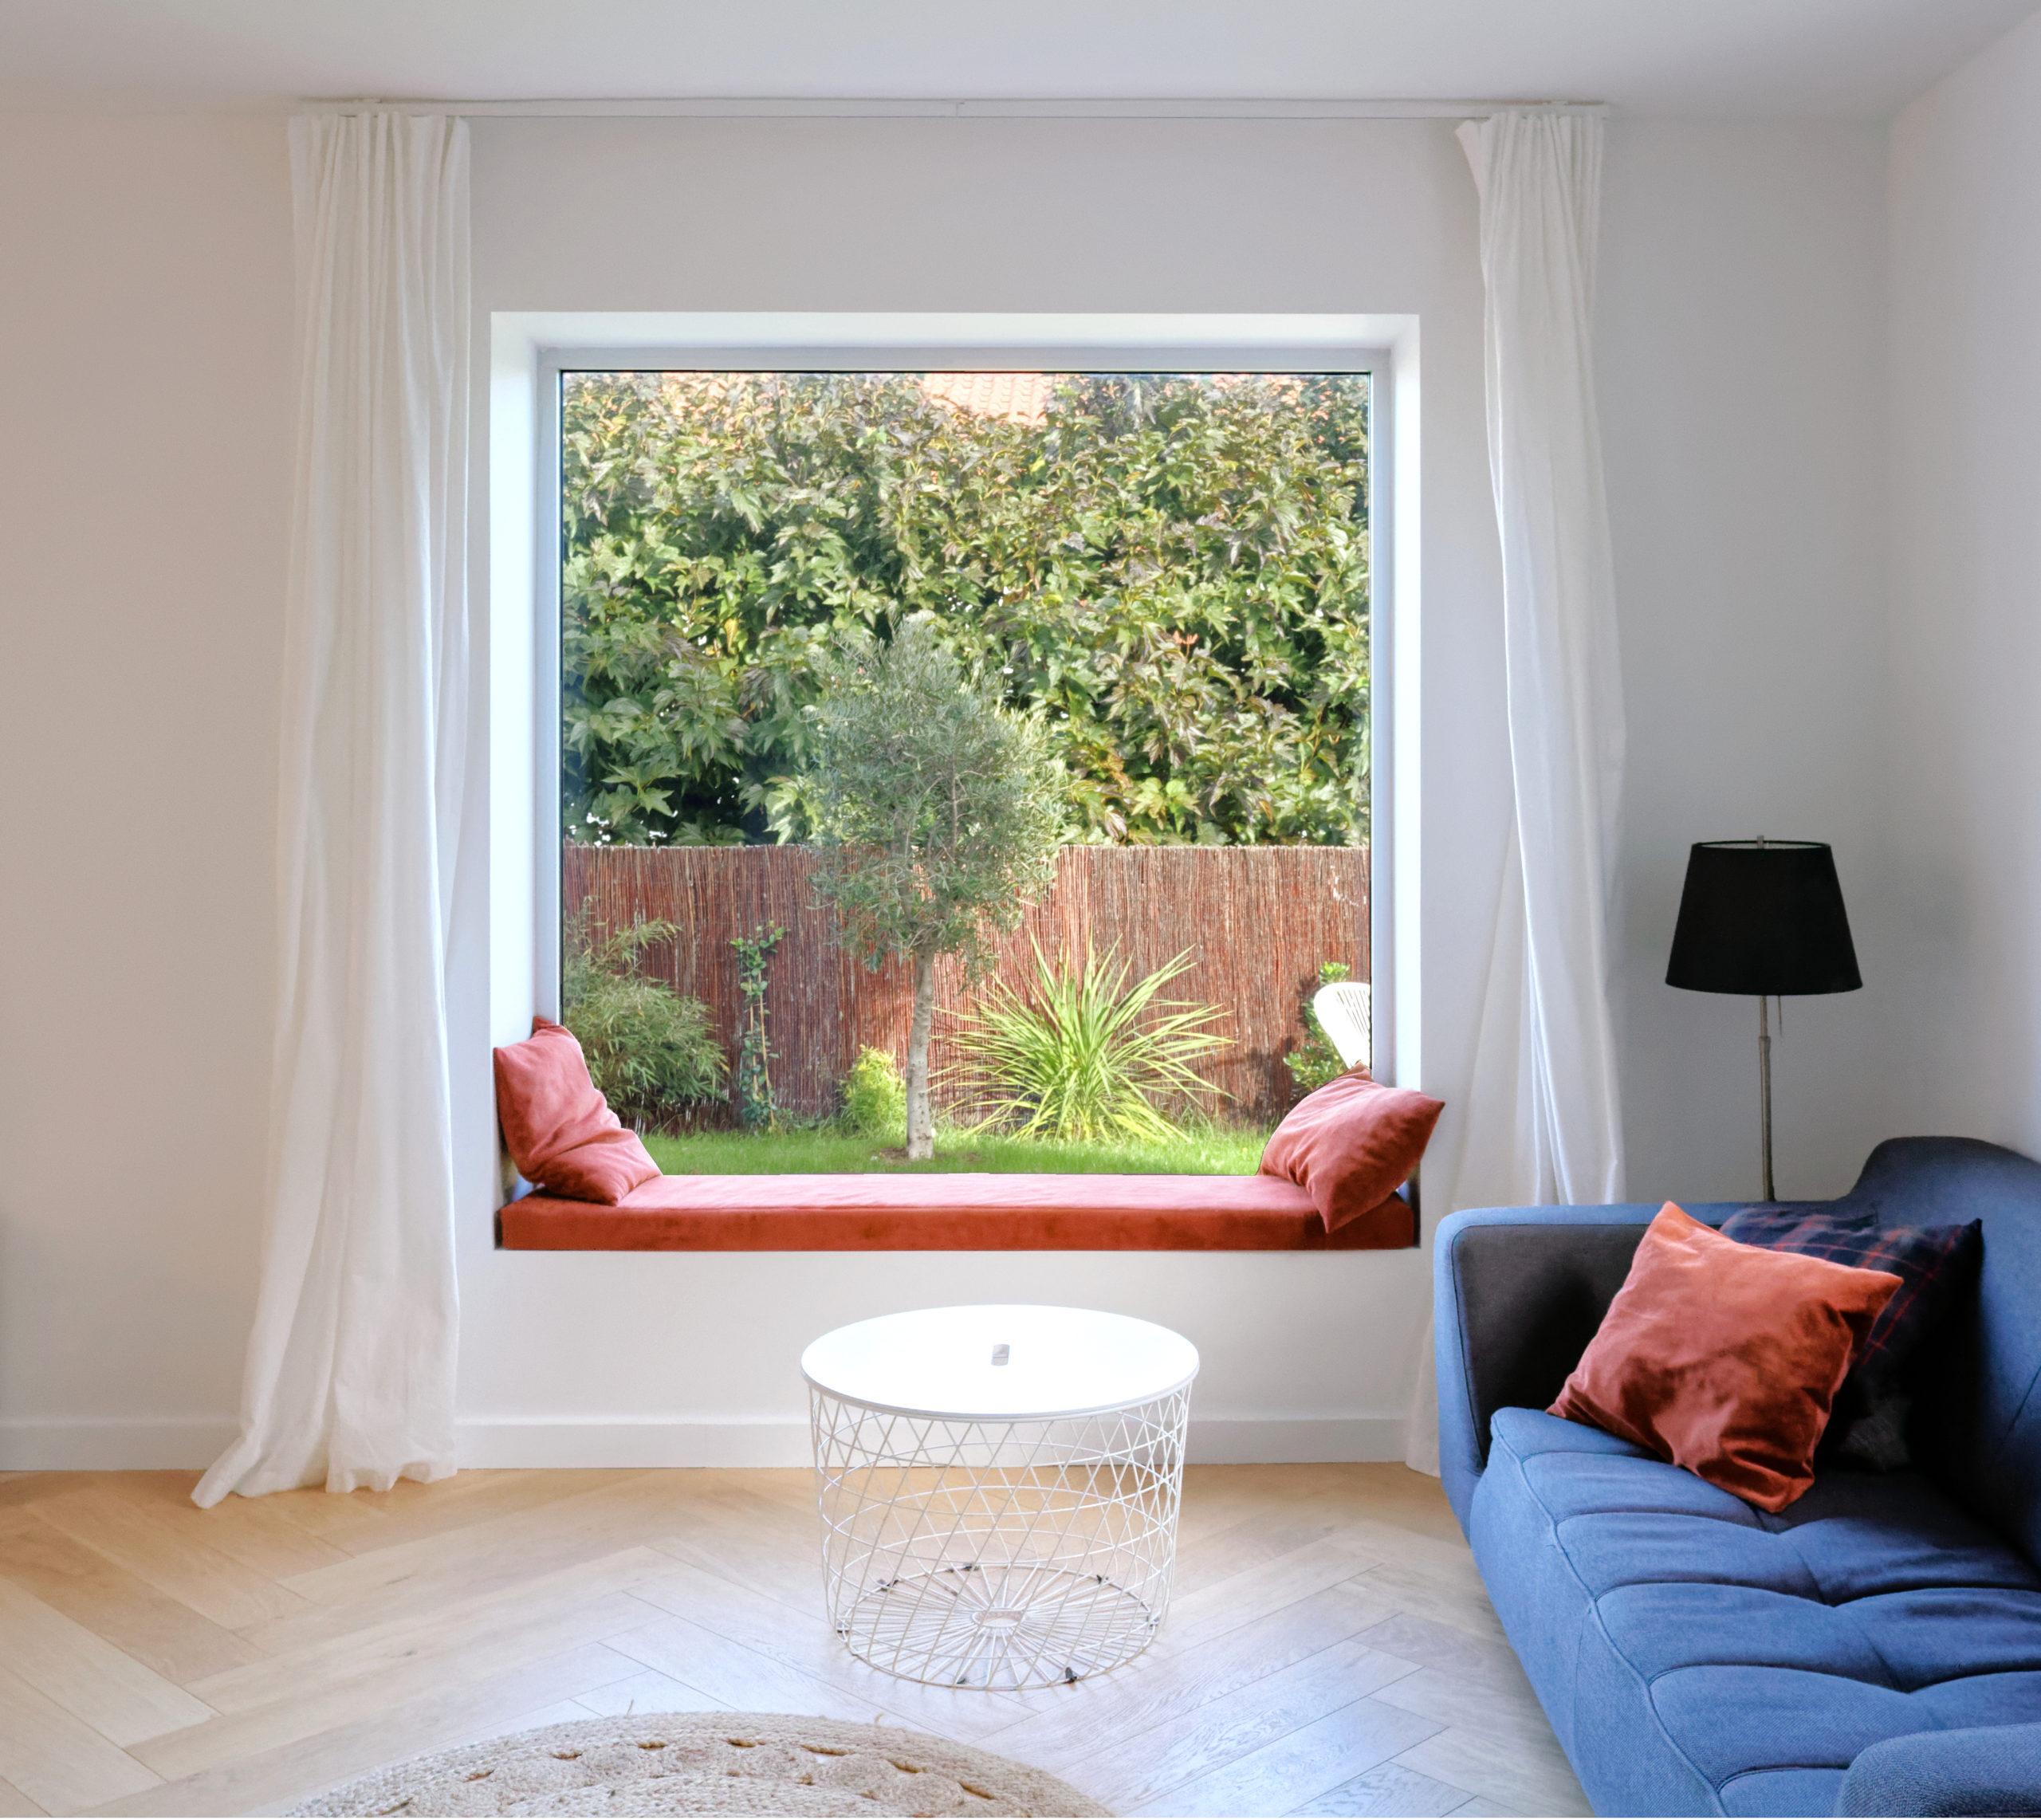 Fenêtre cadrage jardin- banquette- rénovation maison des nnées 70-architectes toulouse